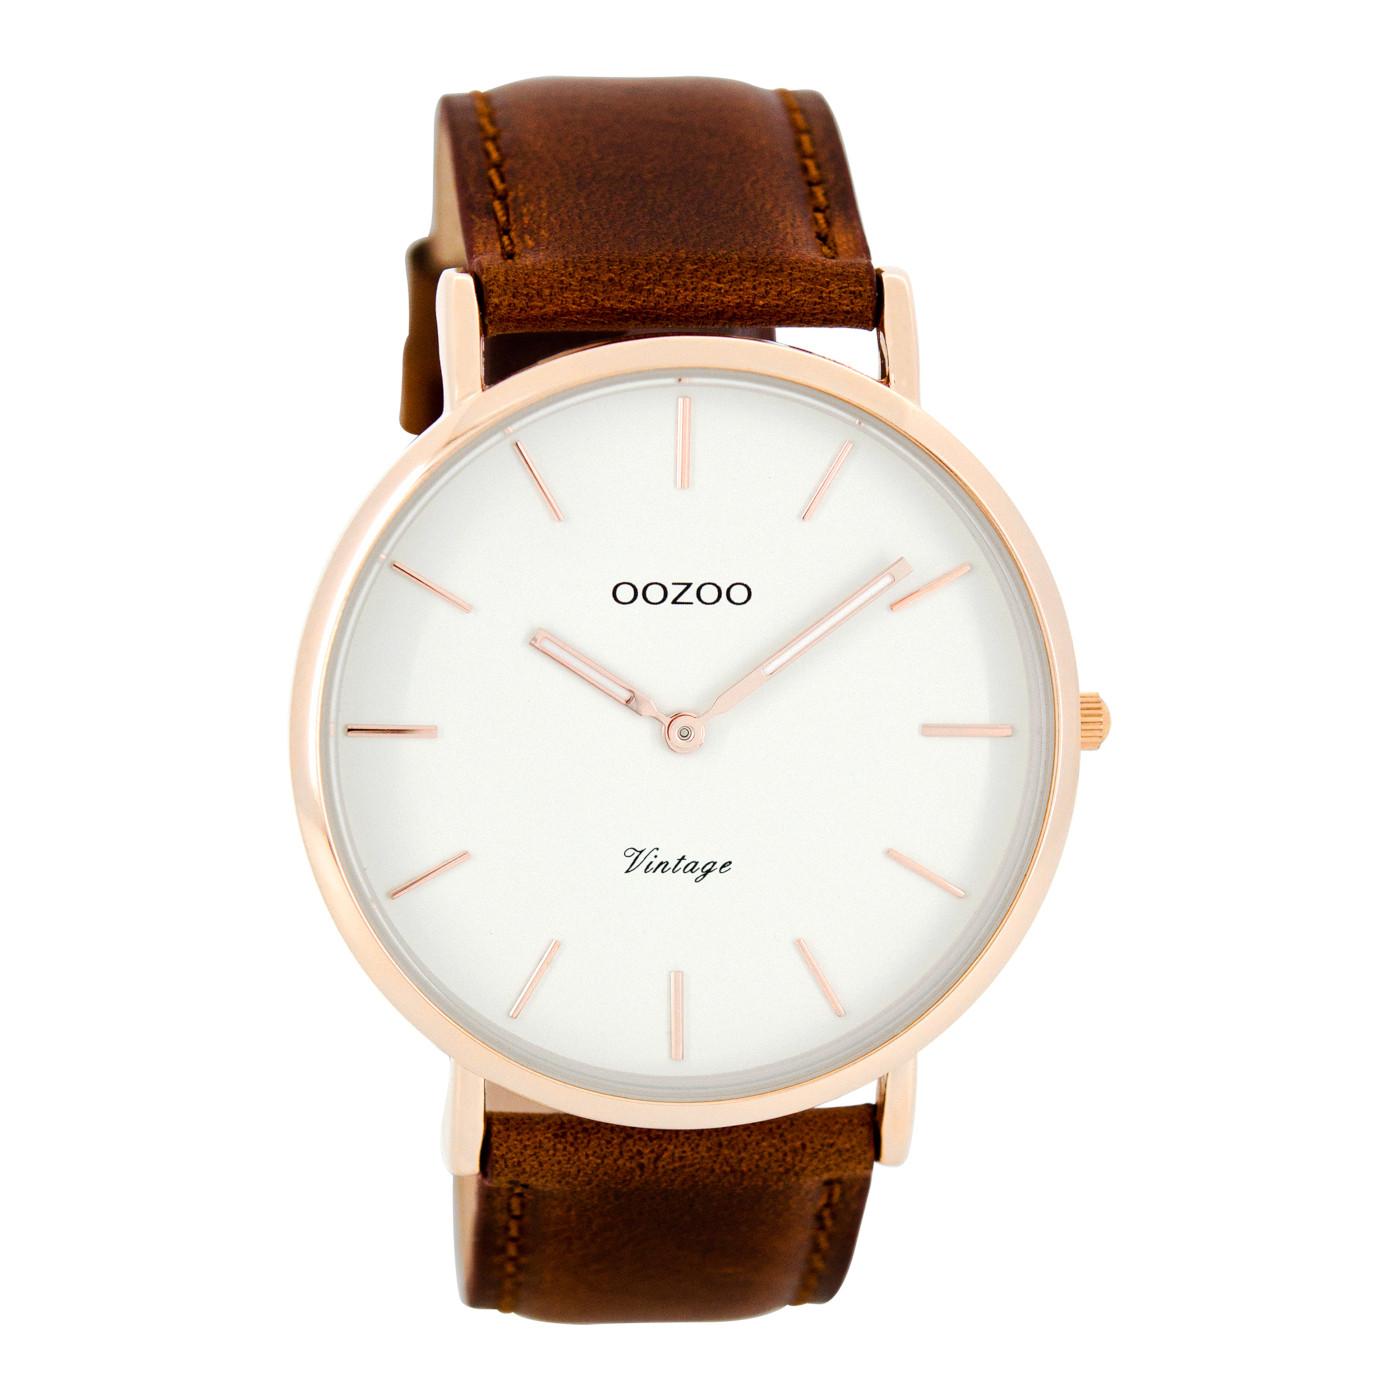 OOZOO Vintage horloge Bruin/Wit C7756 (44 mm)